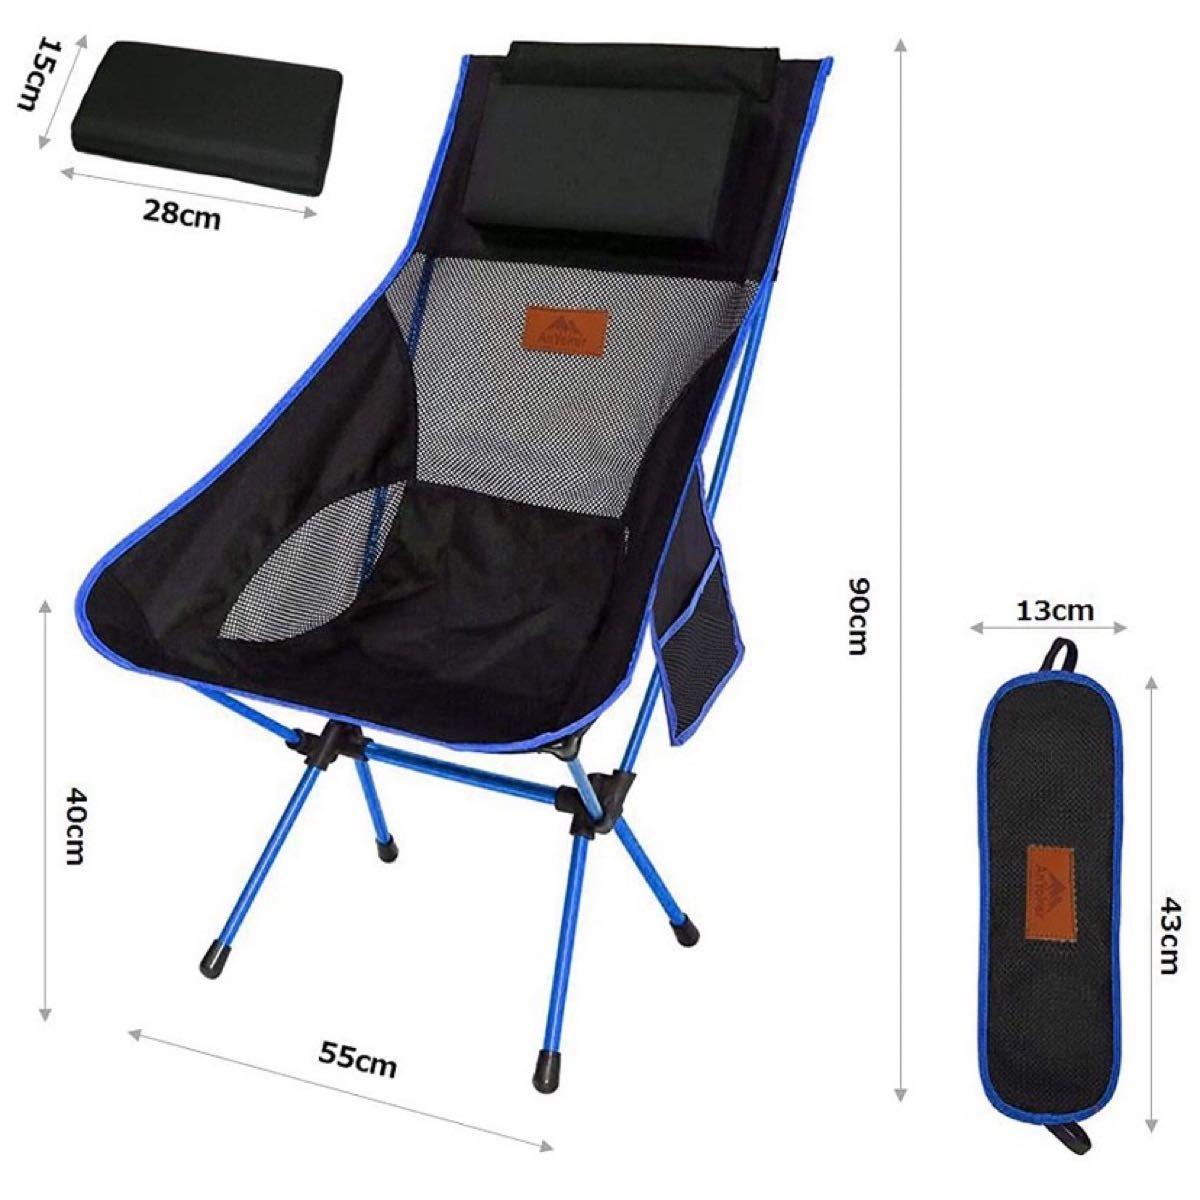 アウトドアチェア 折りたたみ 超軽量 【耐荷重120kg】枕付き ブルー